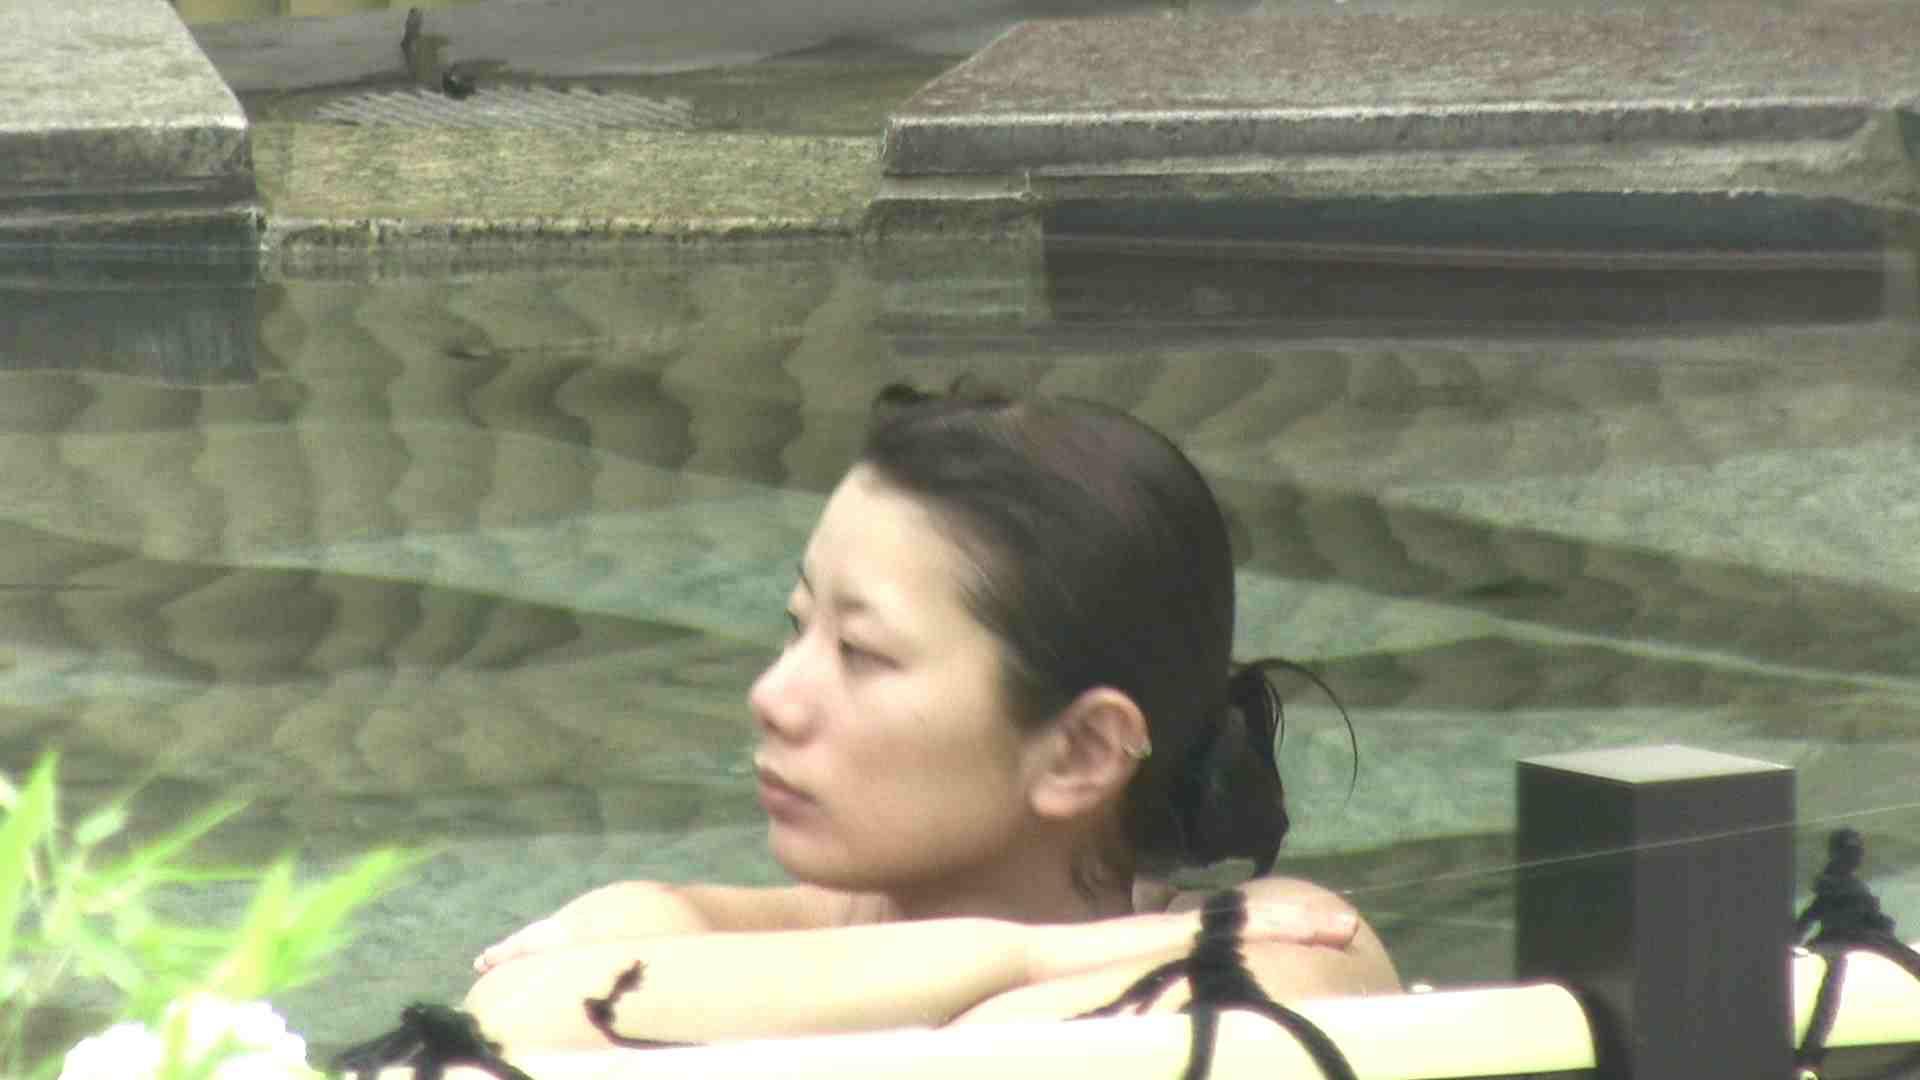 Aquaな露天風呂Vol.19【VIP】 美しいOLの裸体  106pic 54